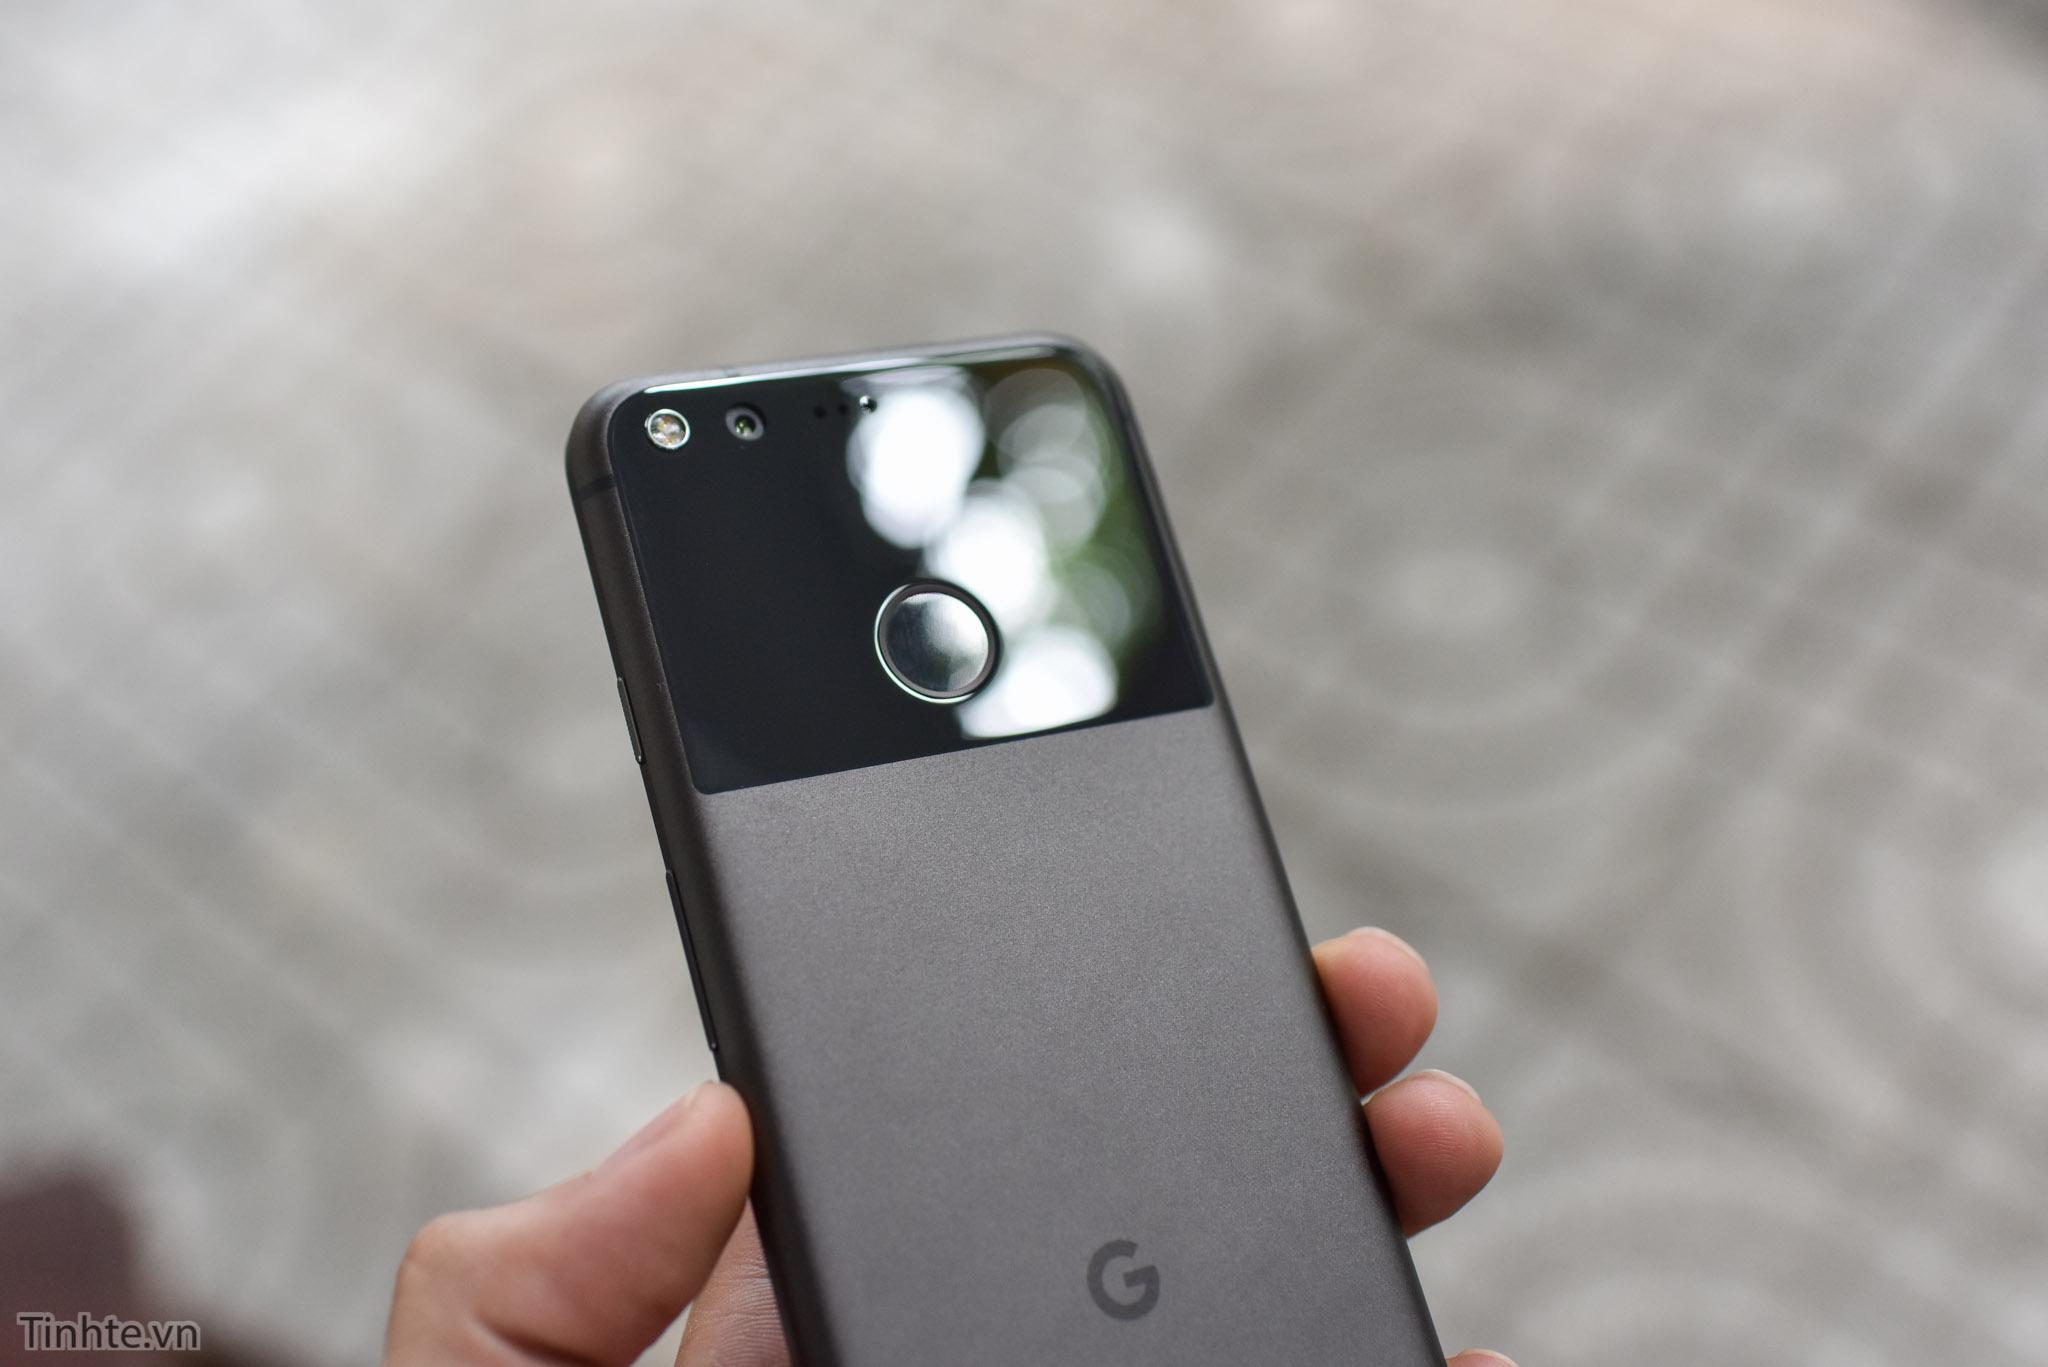 google_pixel_tinhte.vn-24.jpg